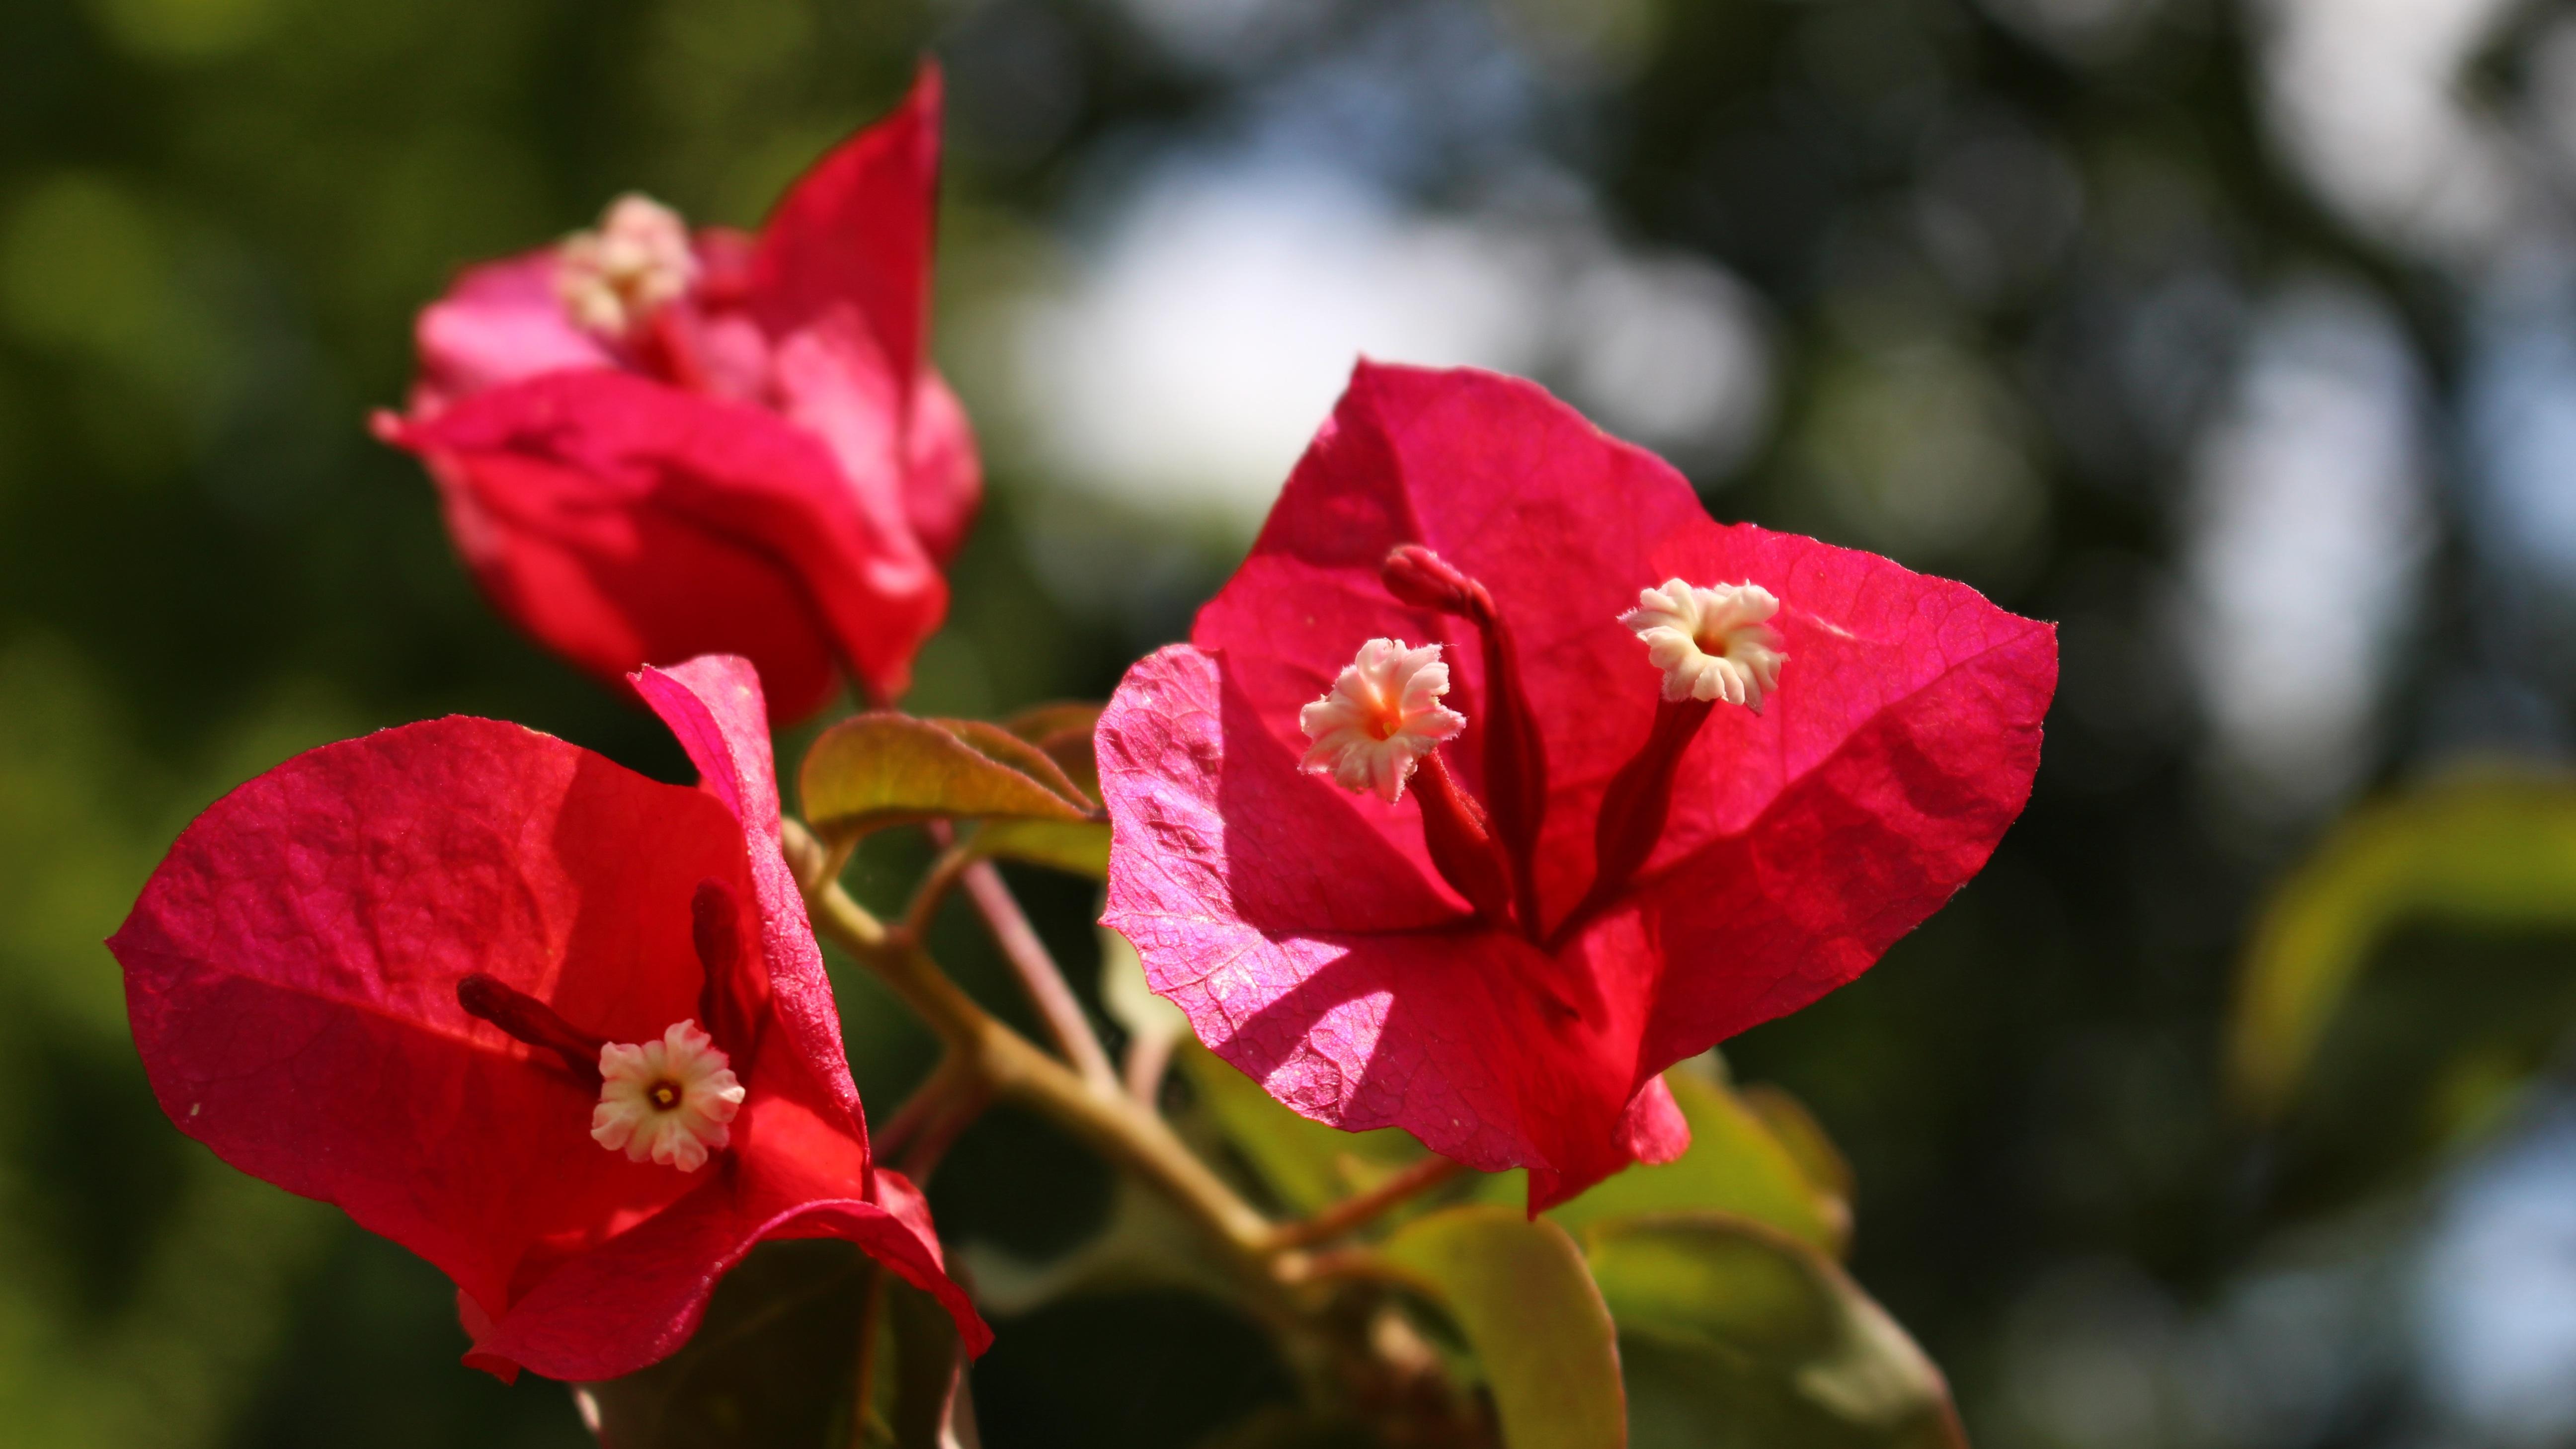 images gratuites : fleur, feuille, pétale, rouge, botanique, flore